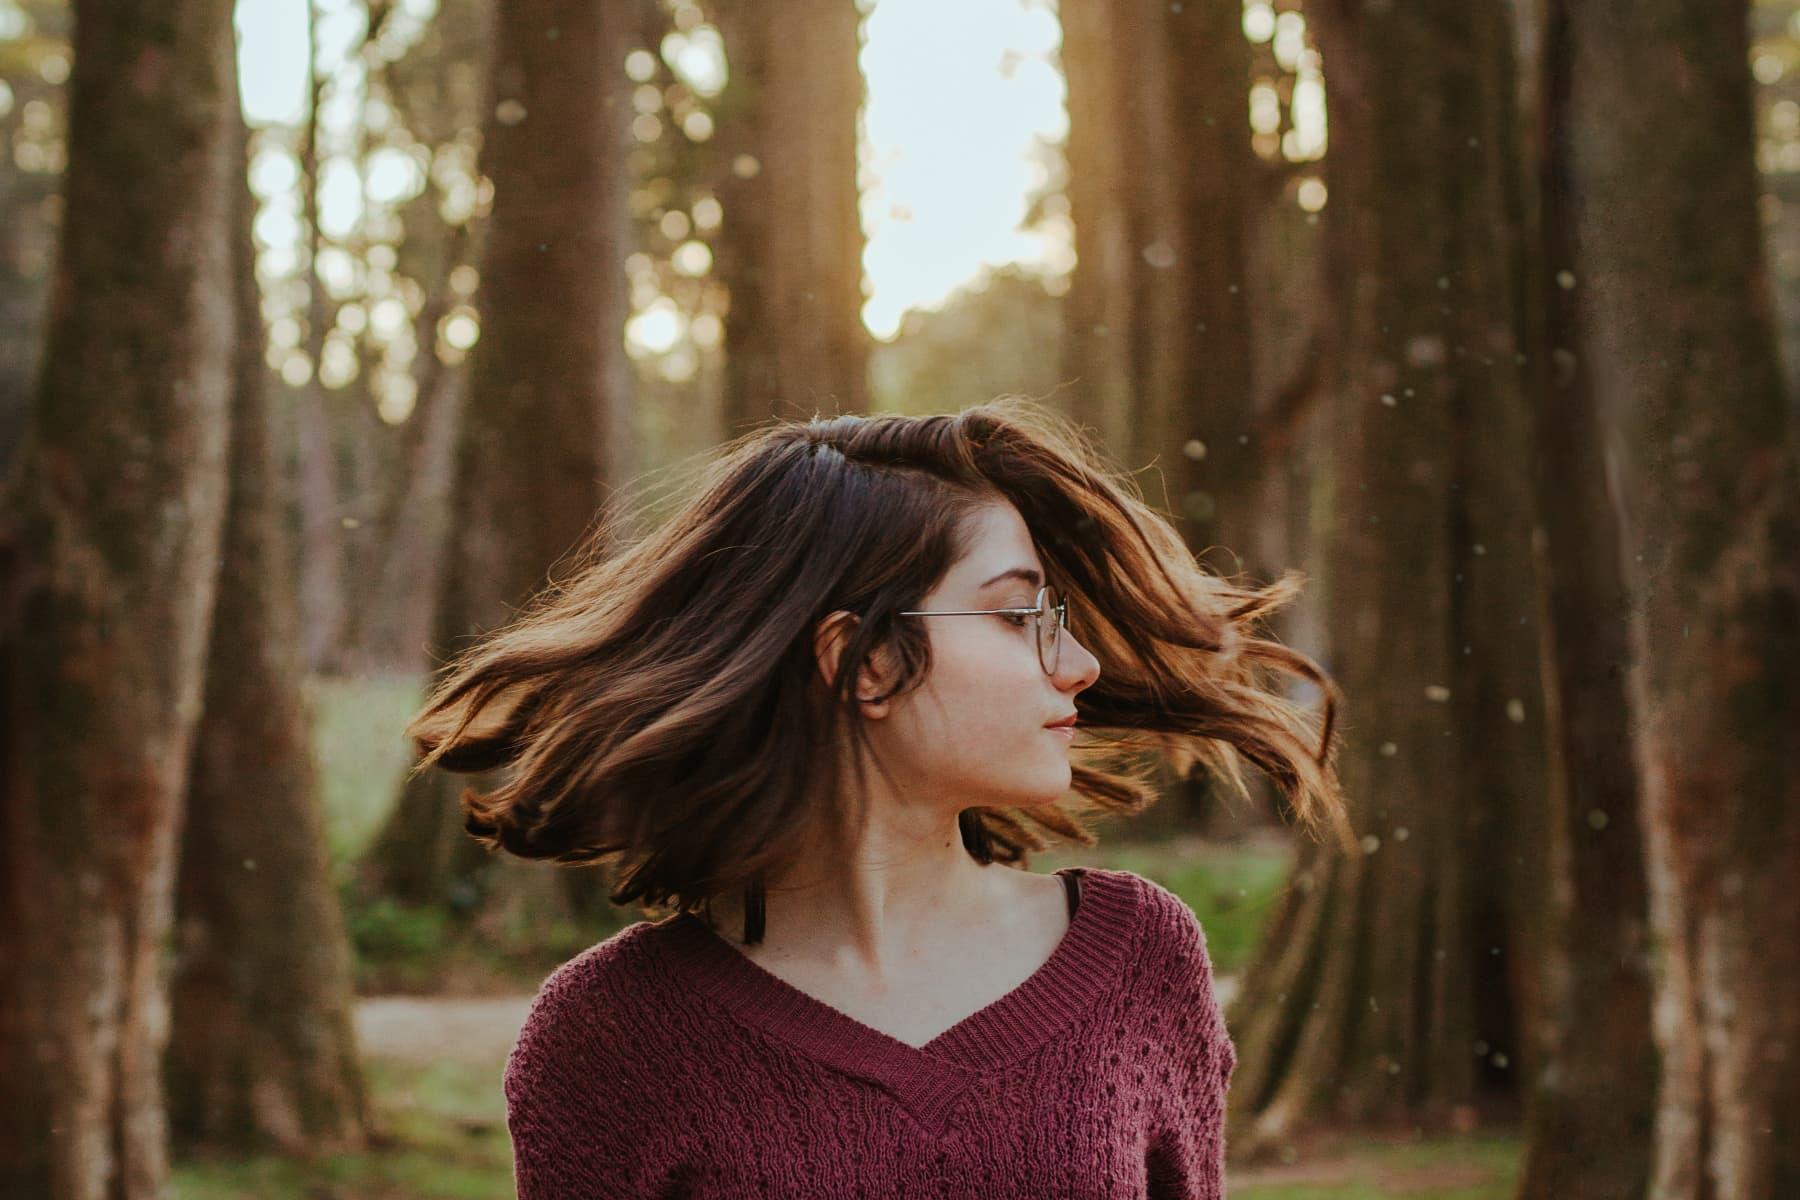 Jugend-Naturbewusstseinsstudie: Wunsch nach mehr Wissen, klares Votum für Energiewende und Skepsis gegenüber Gentechnik